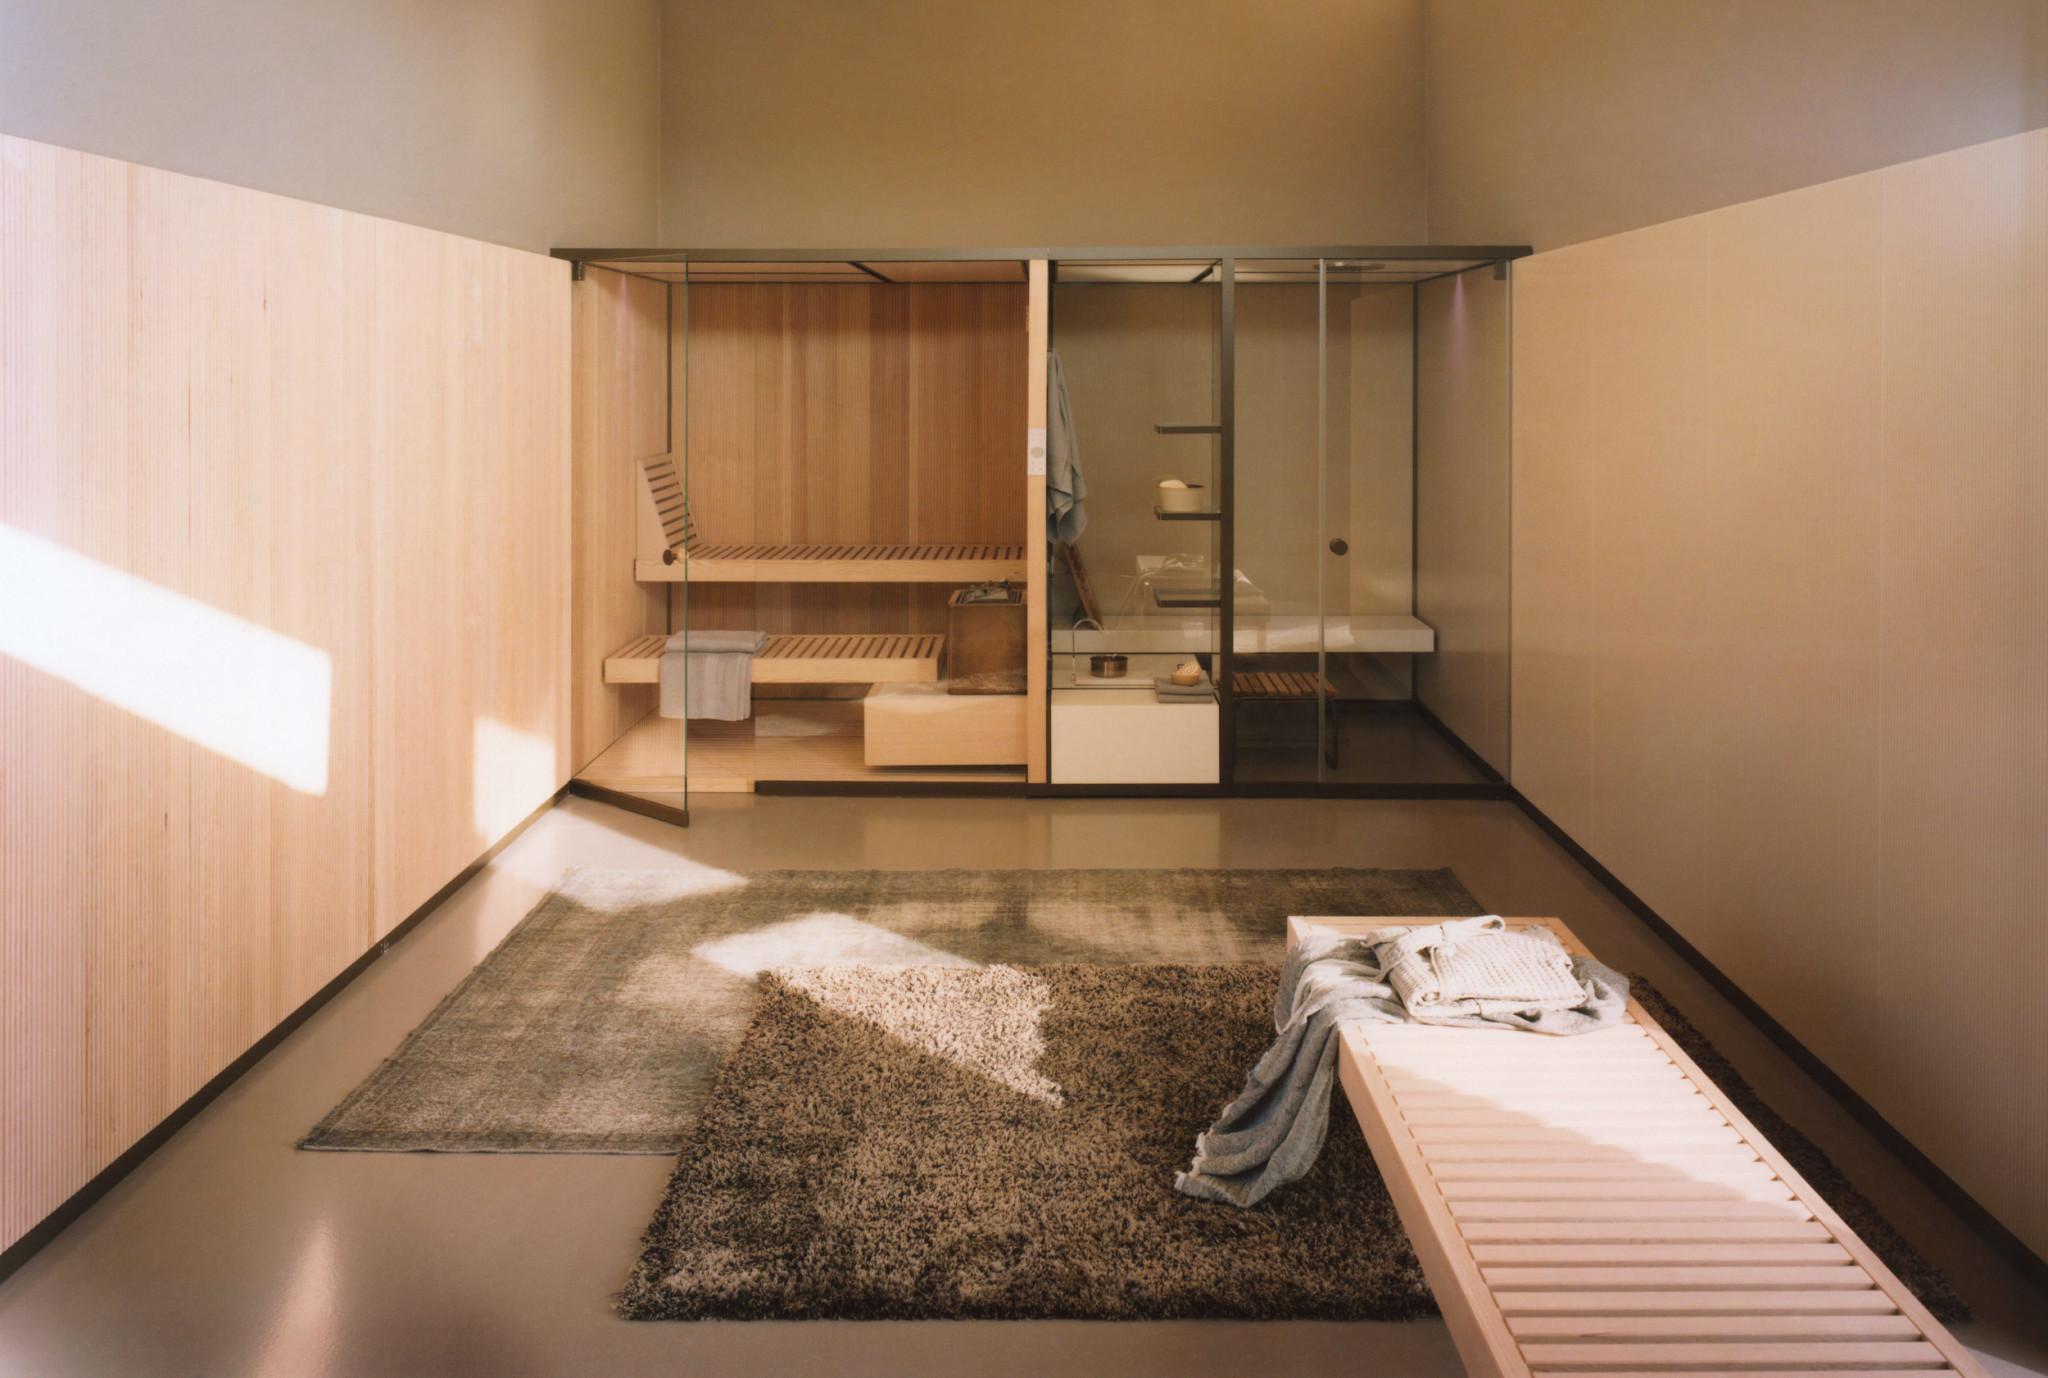 Sistema sauna e hammam BodyLove - Effegibi